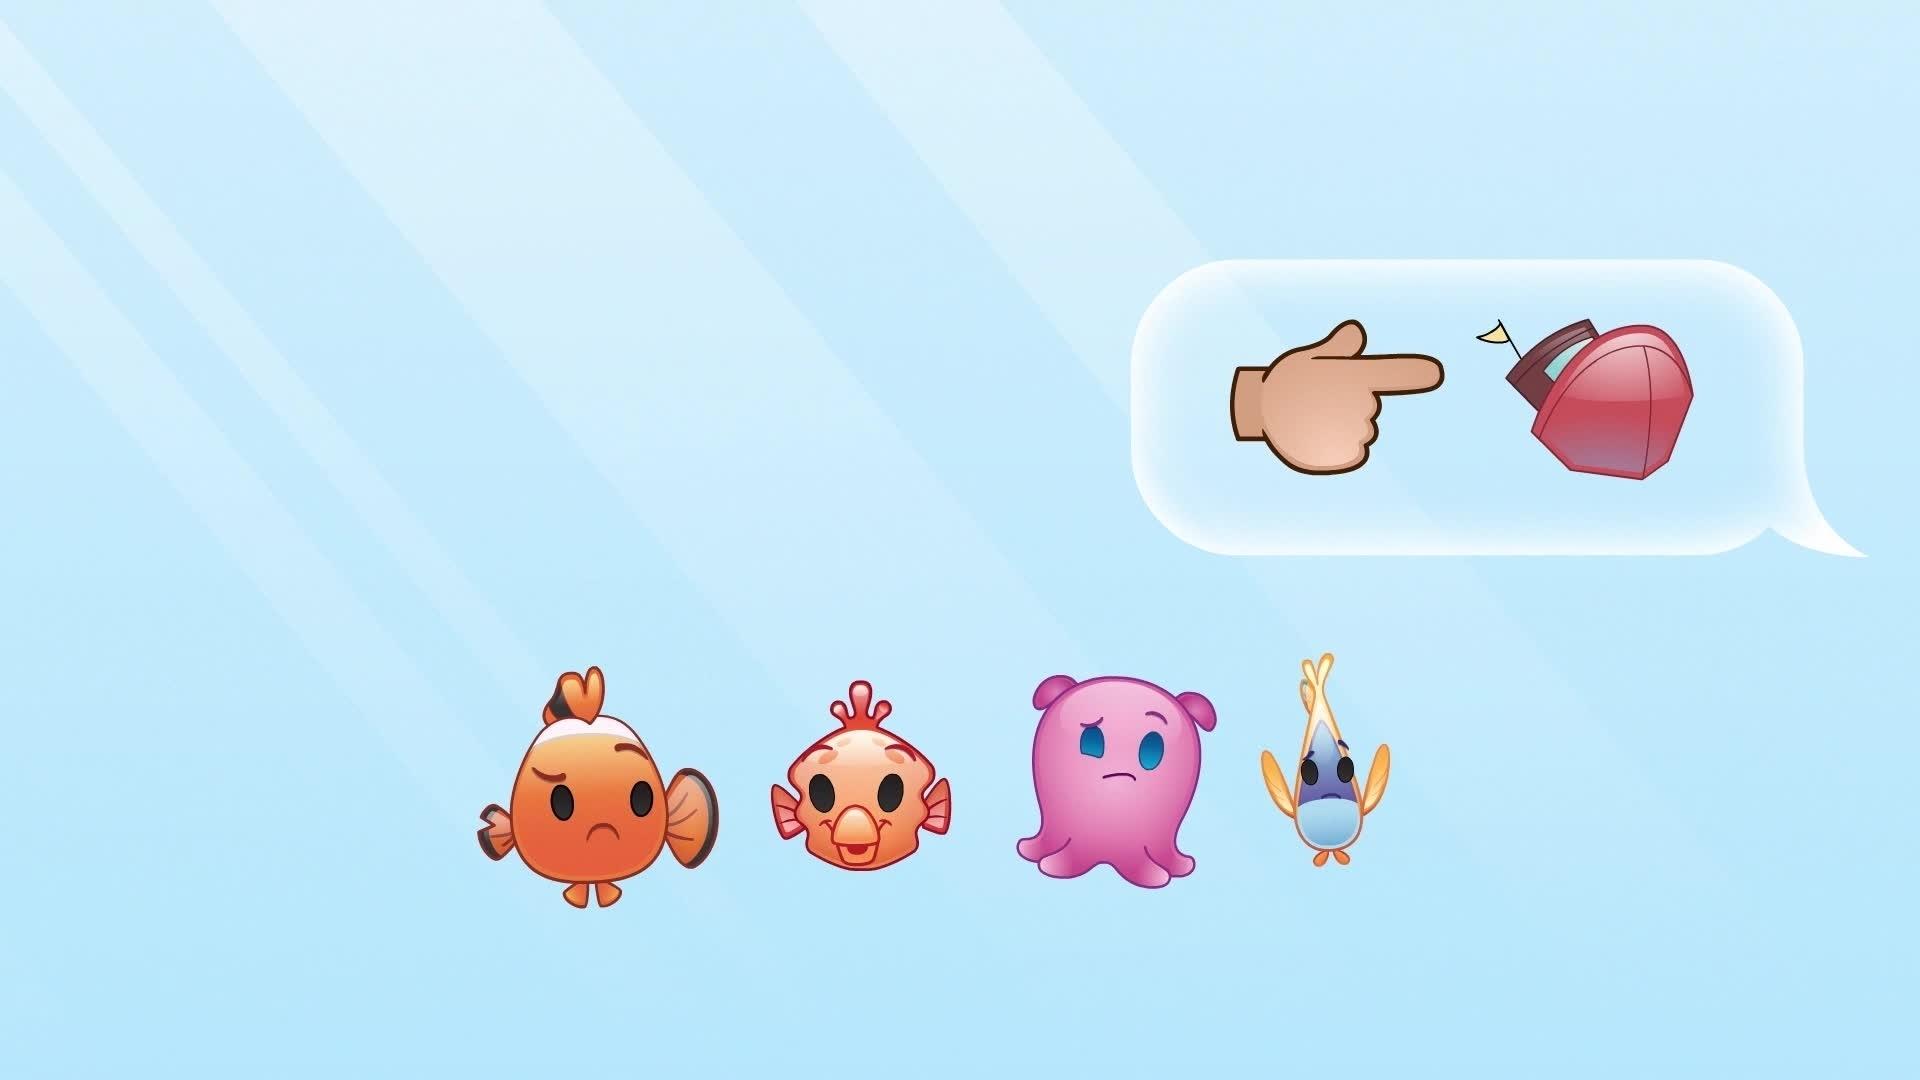 Le Monde de Nemo raconté par des Emojis